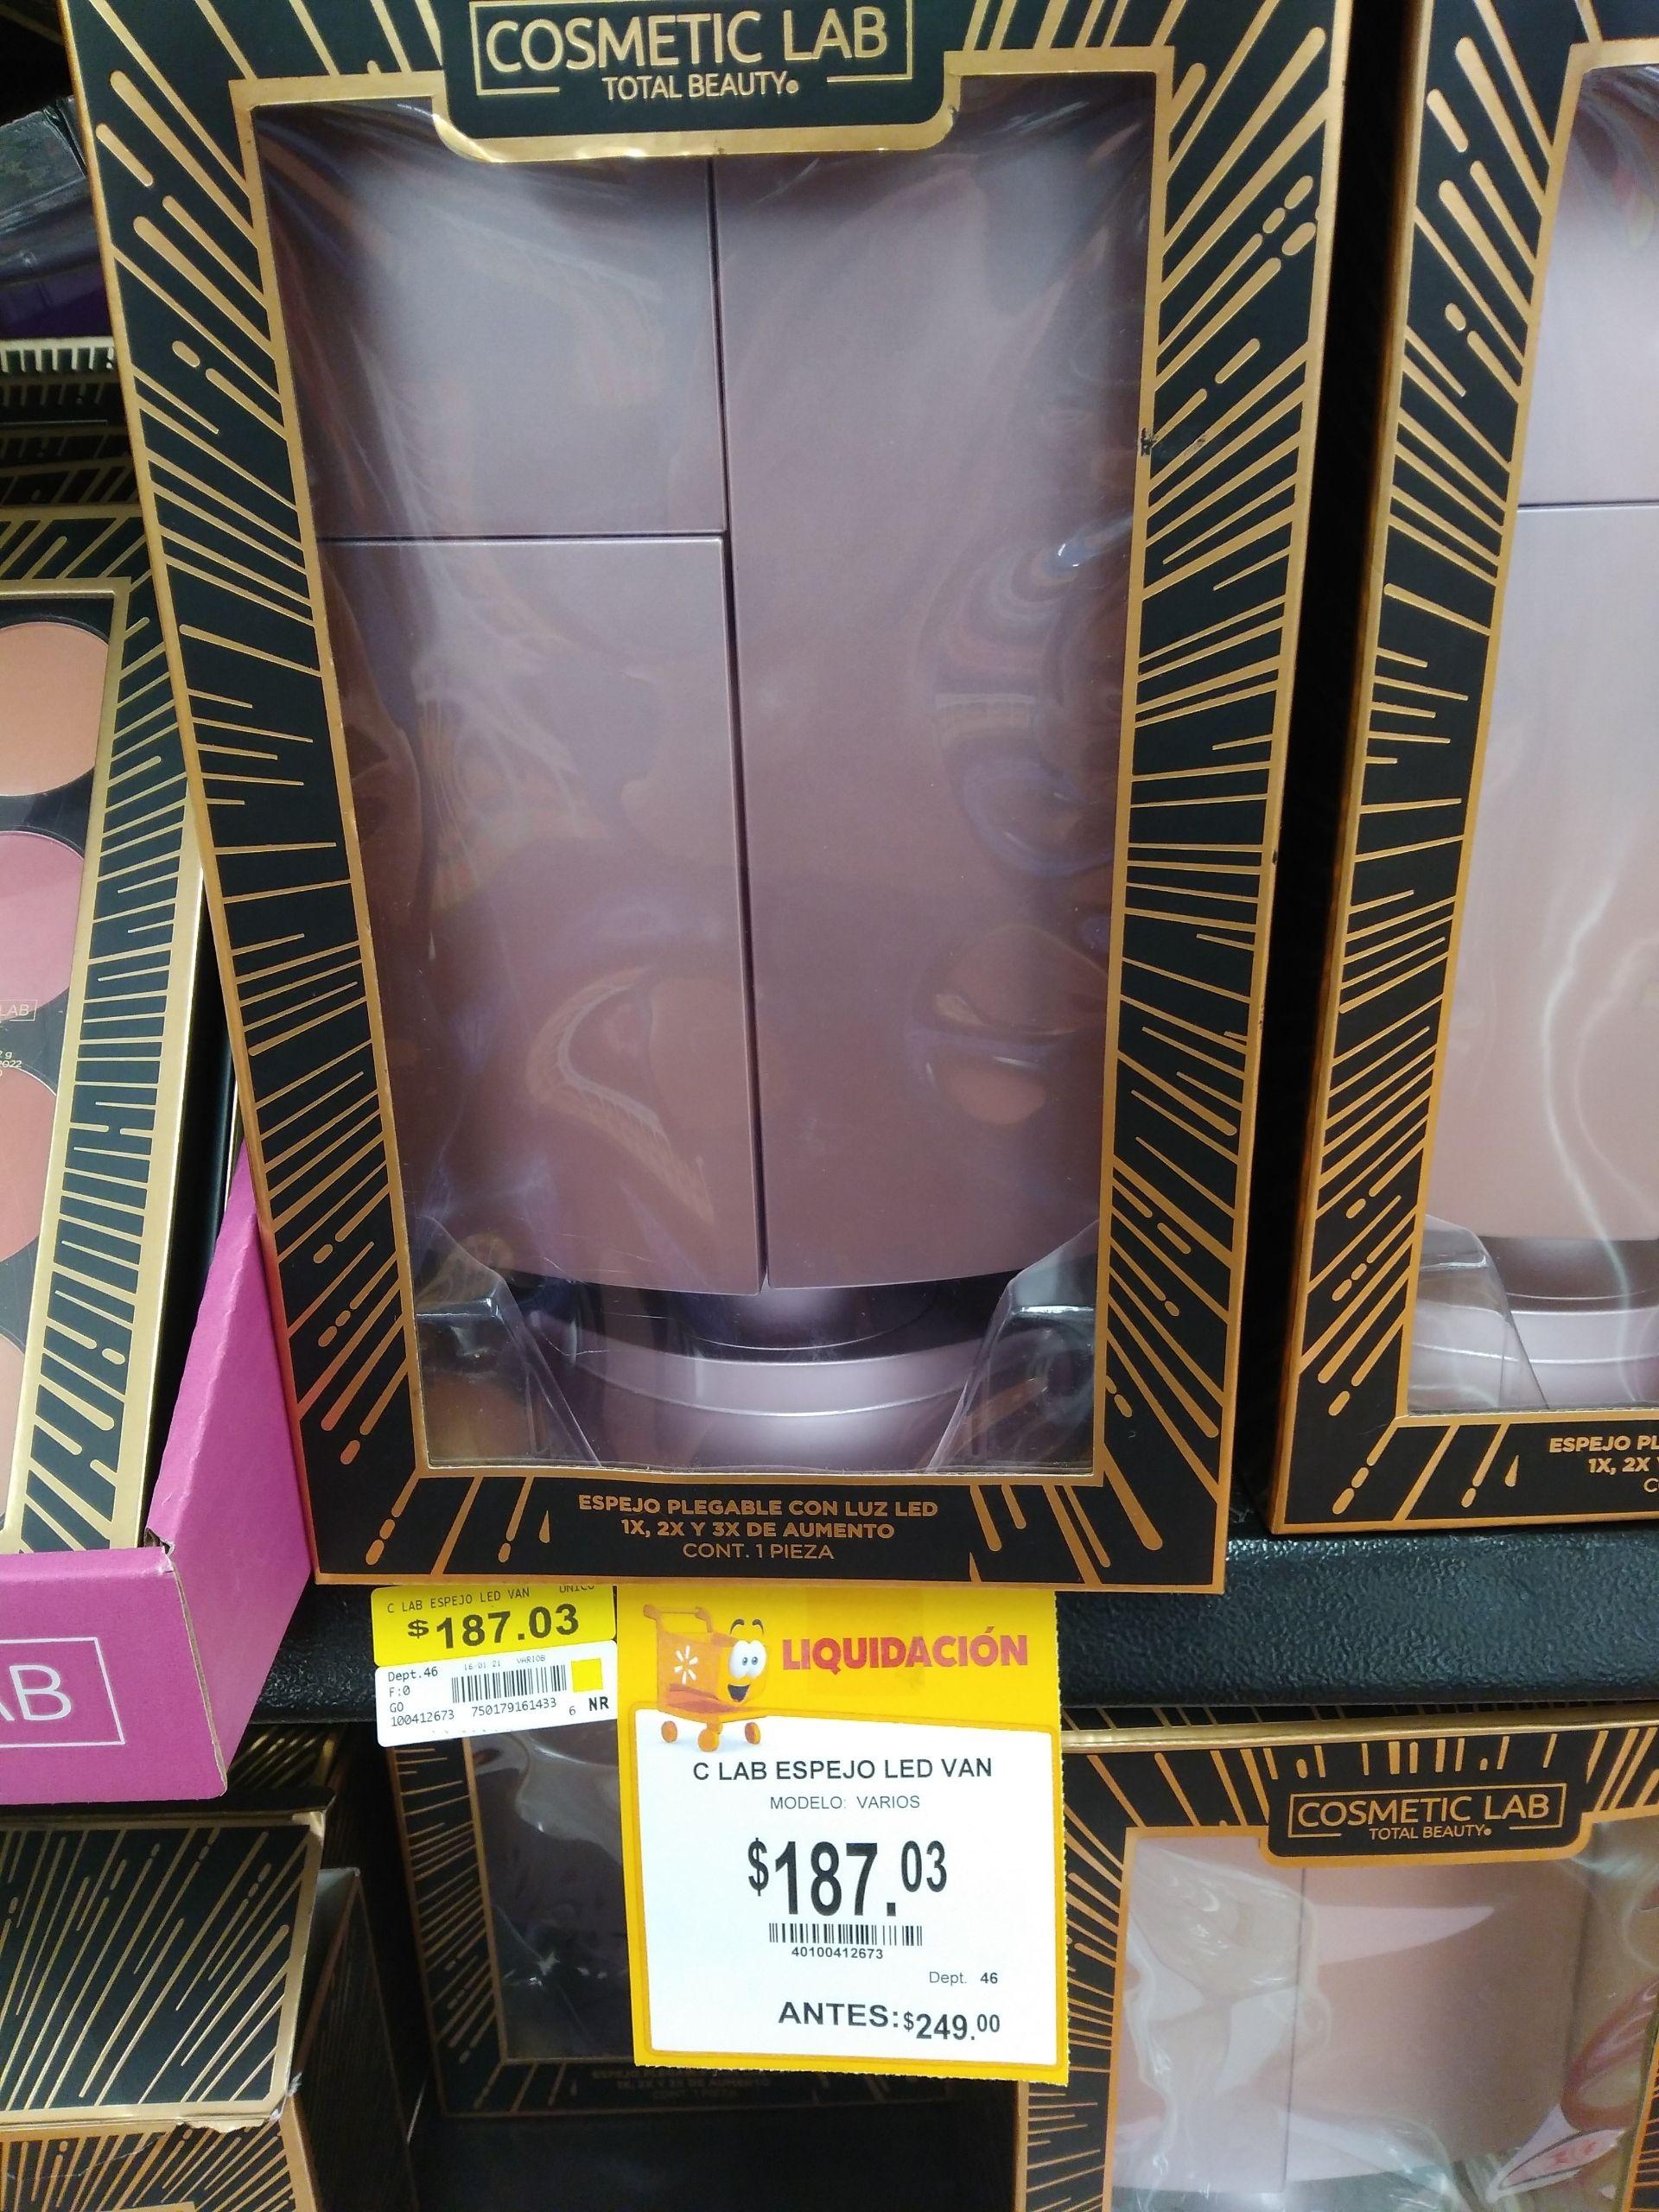 Walmart: Espejo plegable con luz led